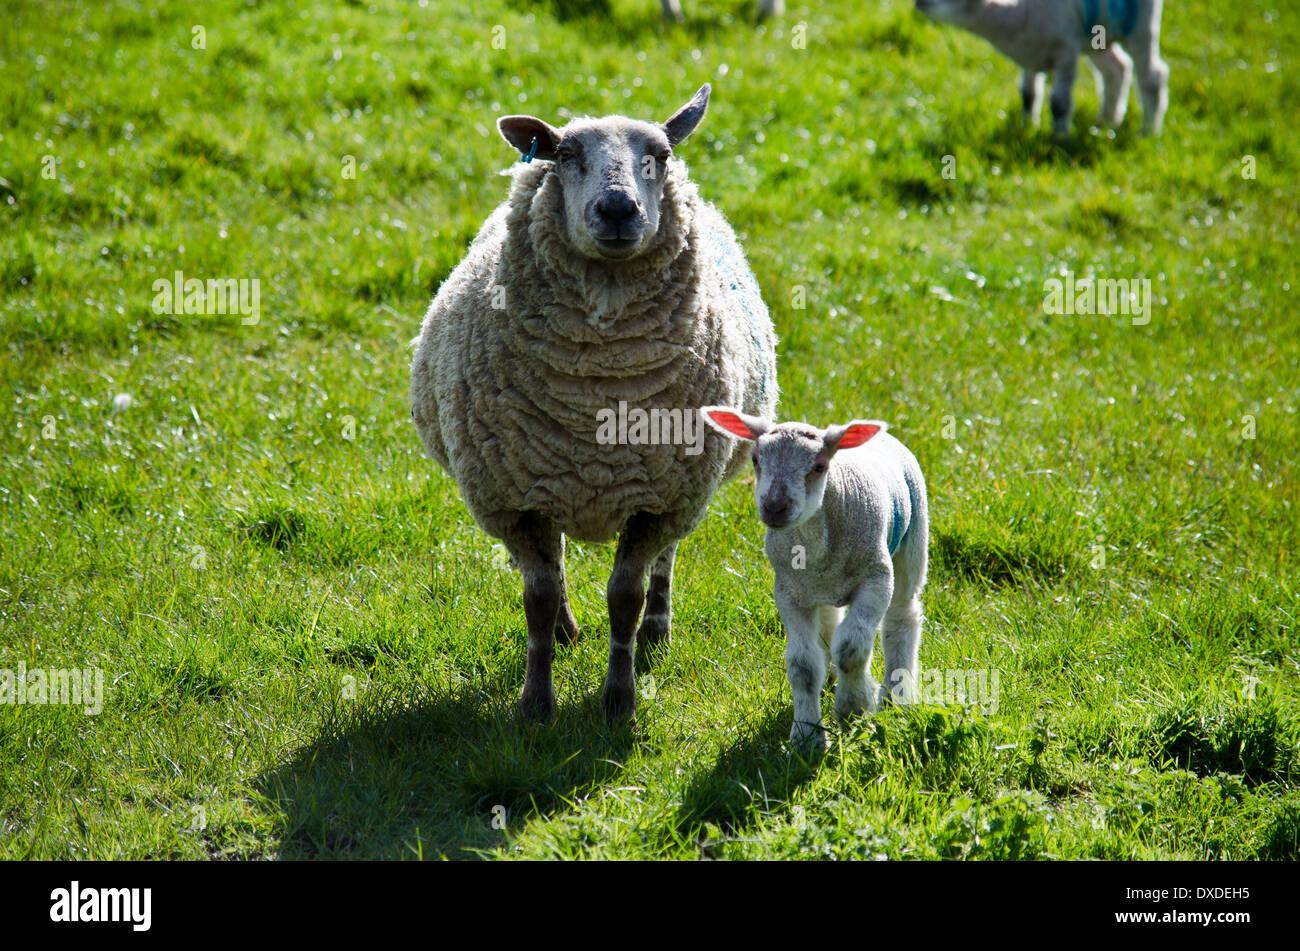 Ewe and lamb - Stock Image